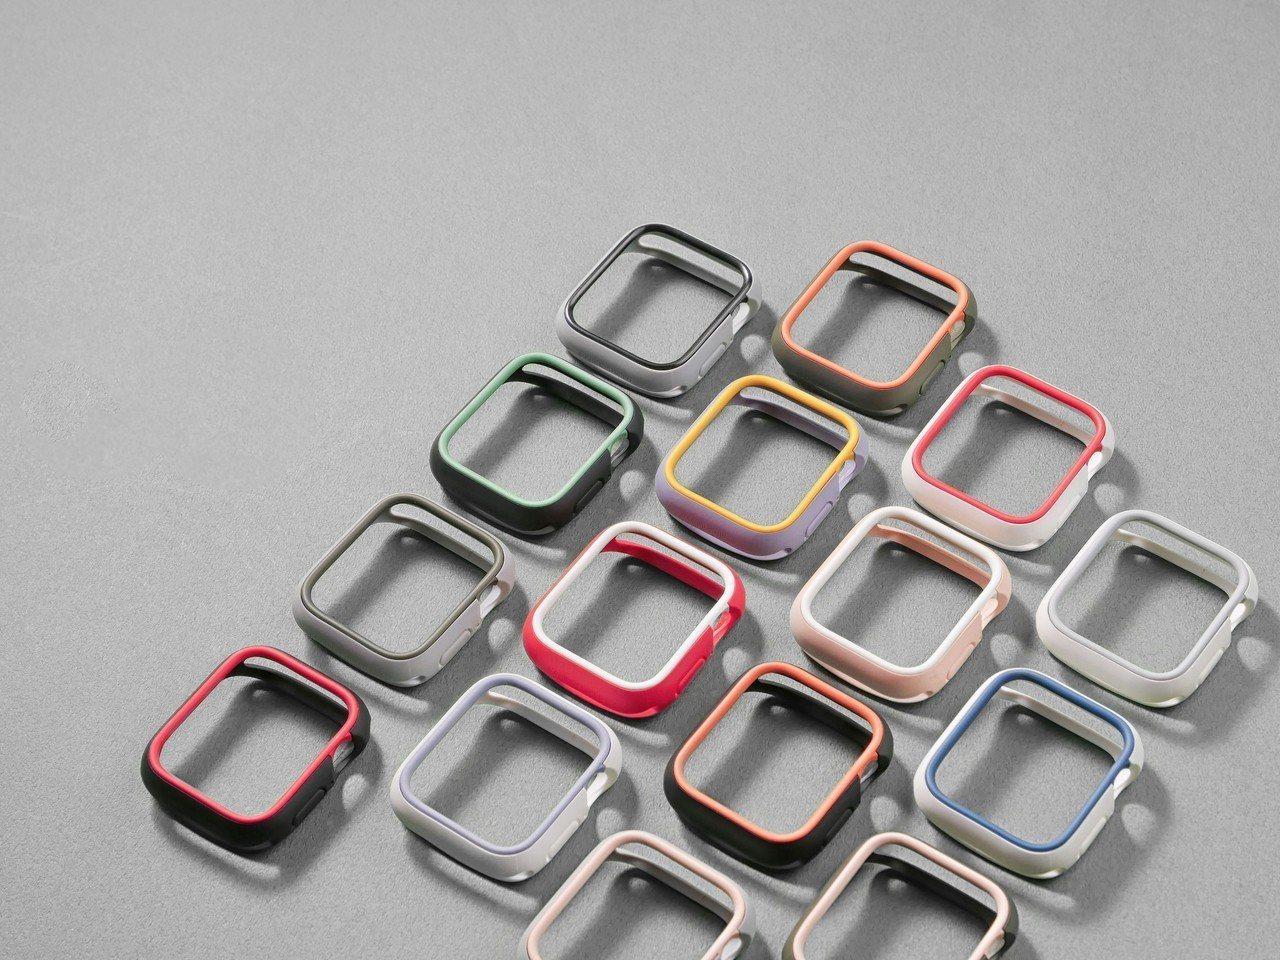 犀牛盾一口氣推出7色外框、11色飾條,可任意搭配購買。圖/犀牛盾提供